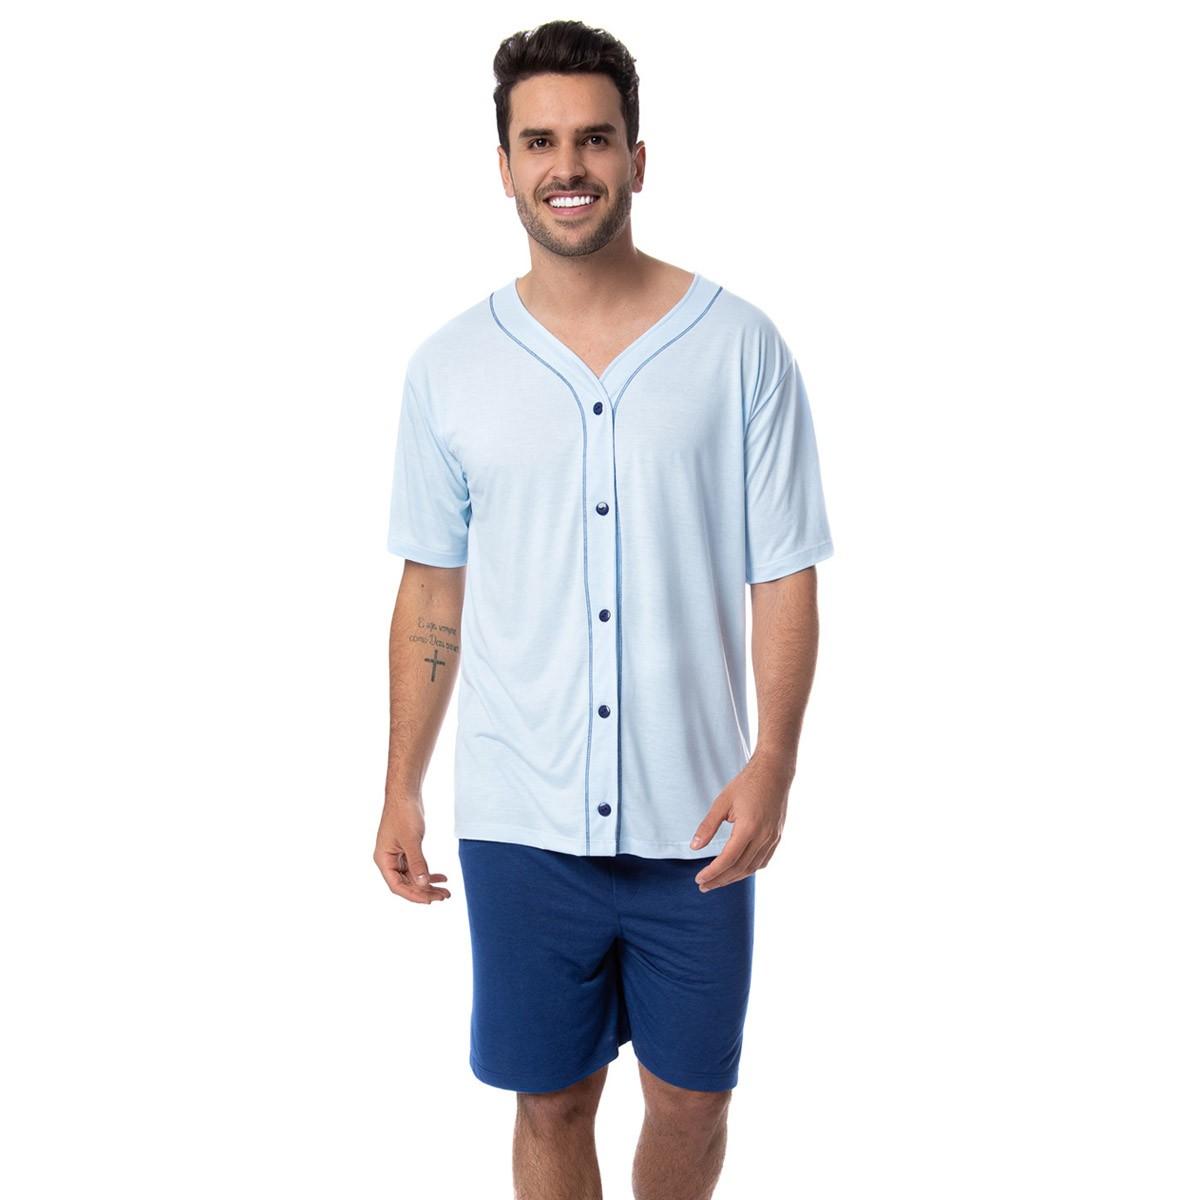 Pijama masculino manga curta com botões para o verão Victory